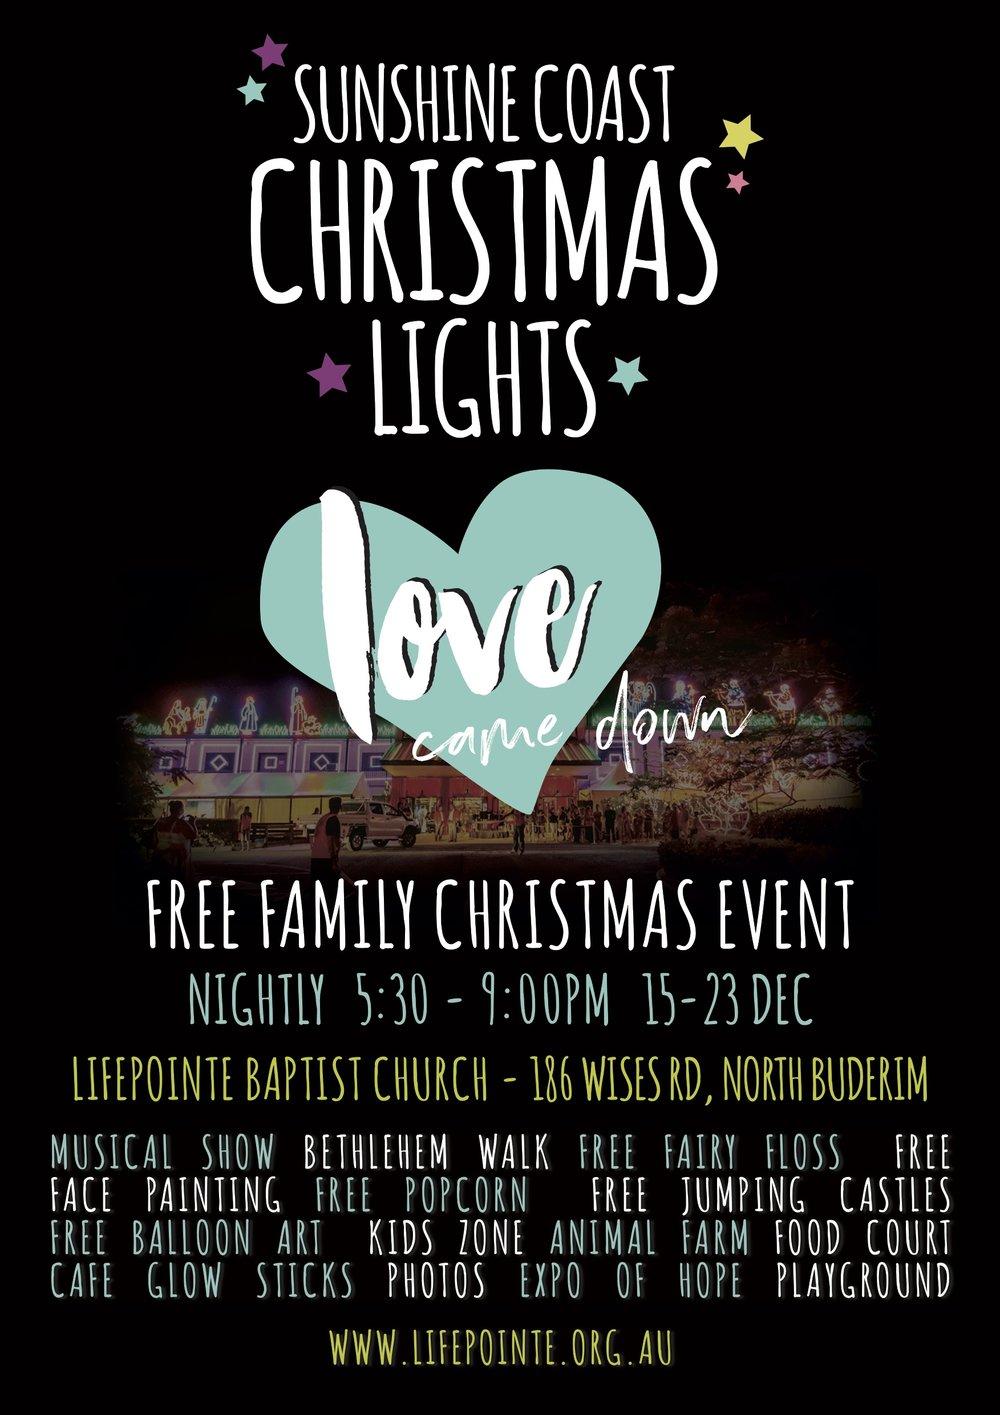 Christmas Lights A3 Poster  - DRAFT 1.jpg